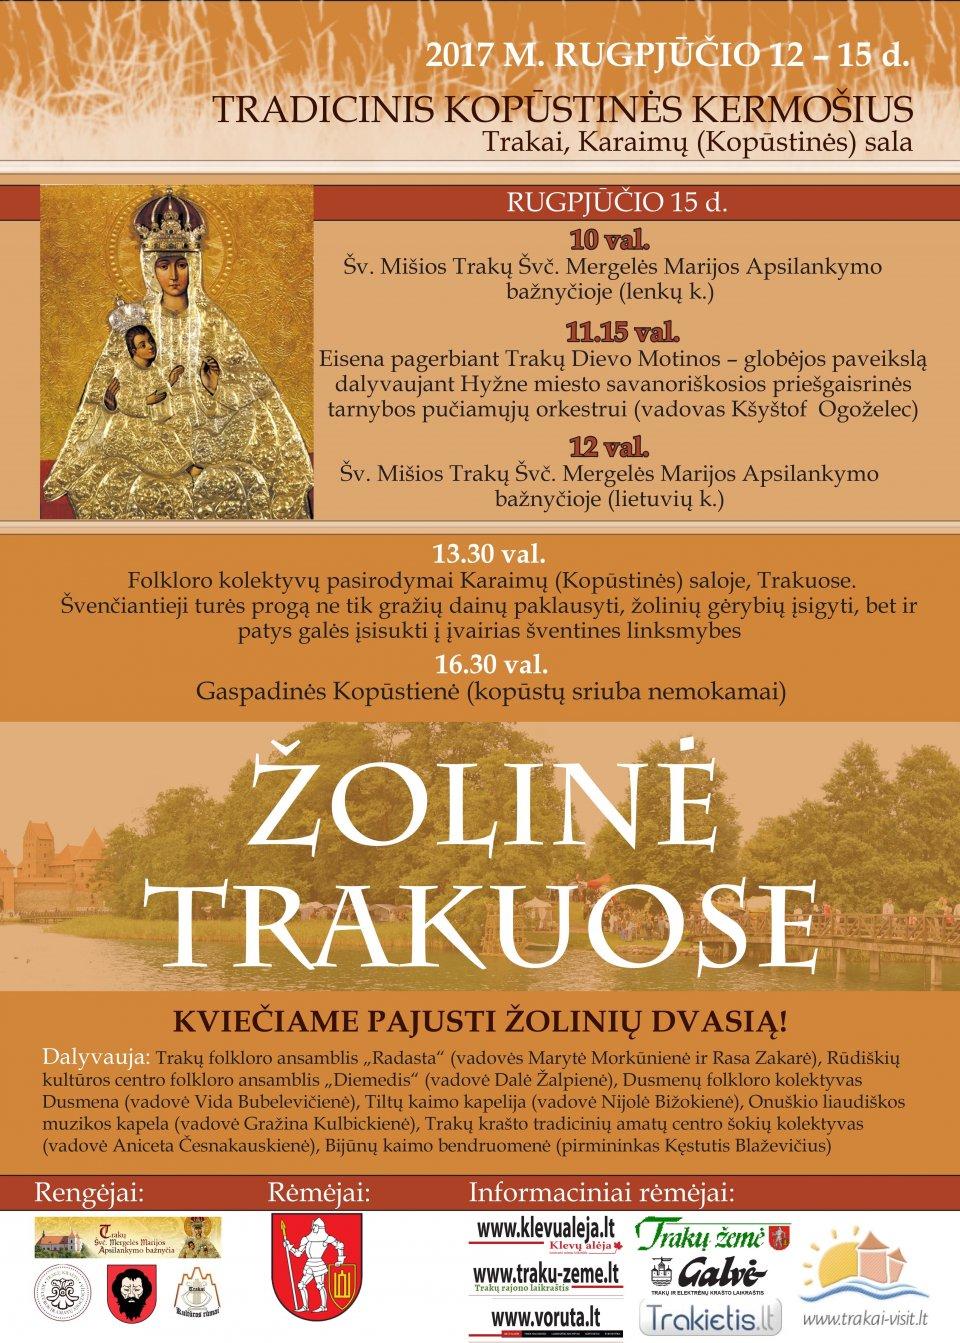 Zolines-1